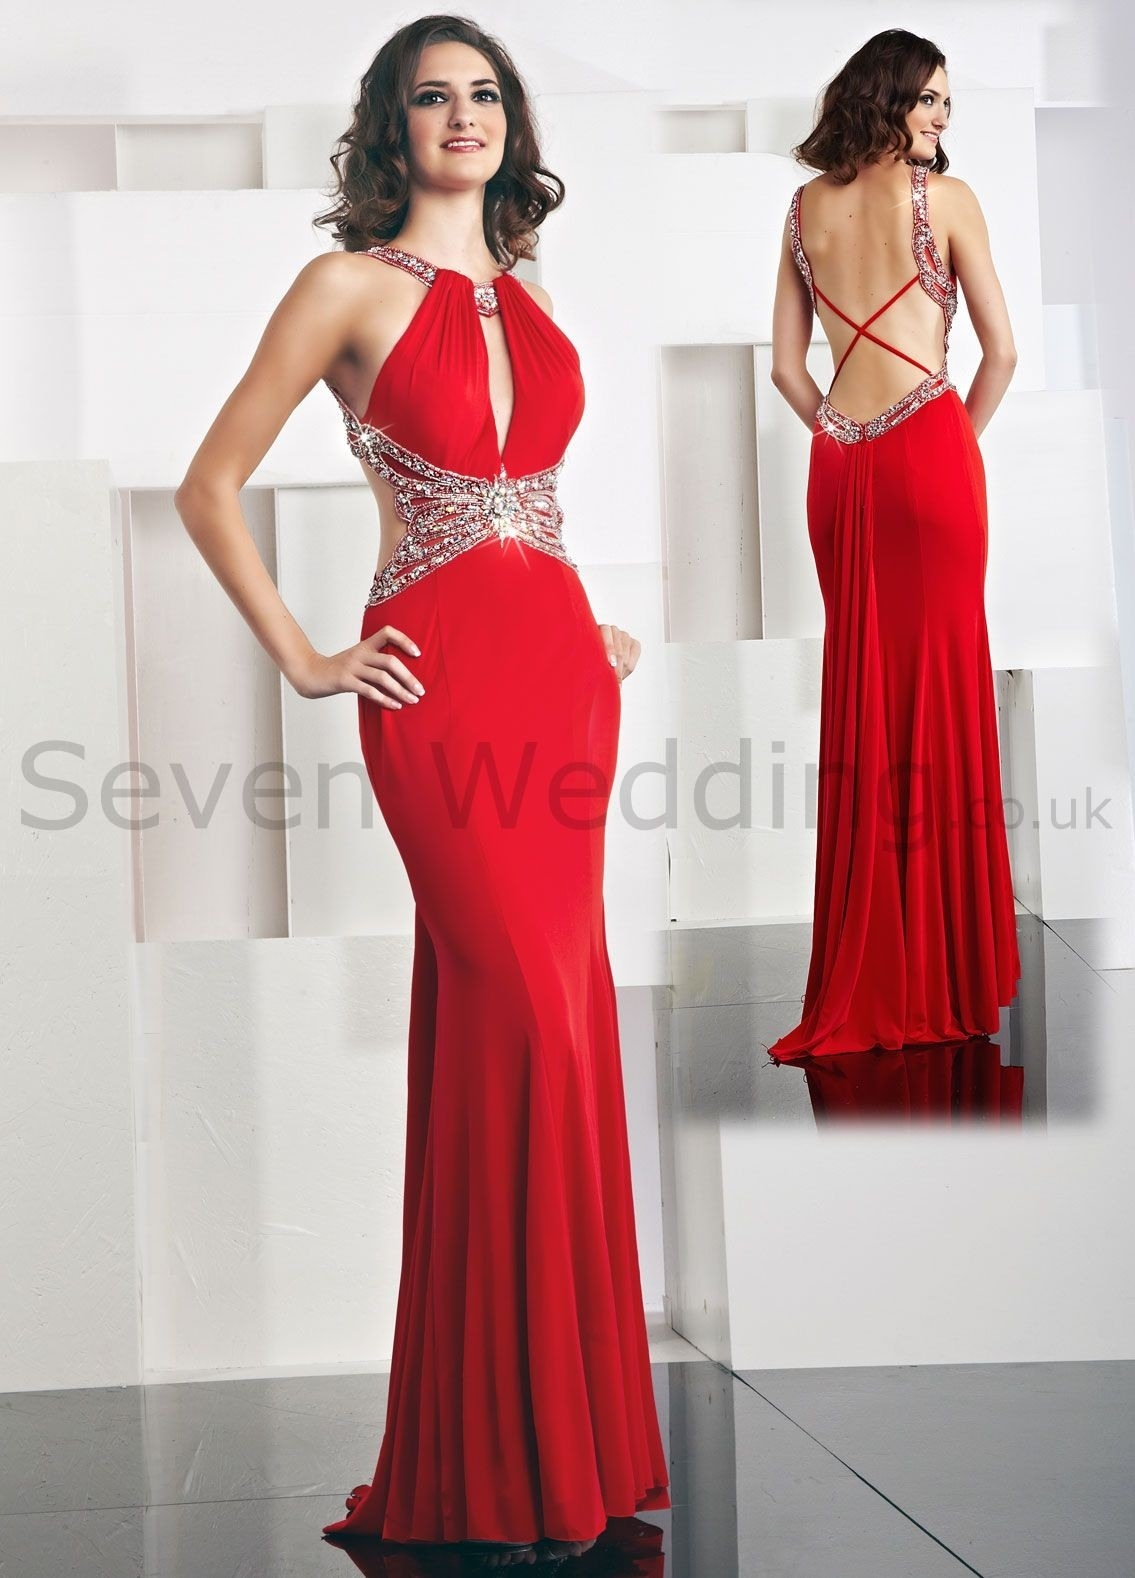 15 Perfekt Abendkleider Lang Online Kaufen DesignFormal Spektakulär Abendkleider Lang Online Kaufen Boutique